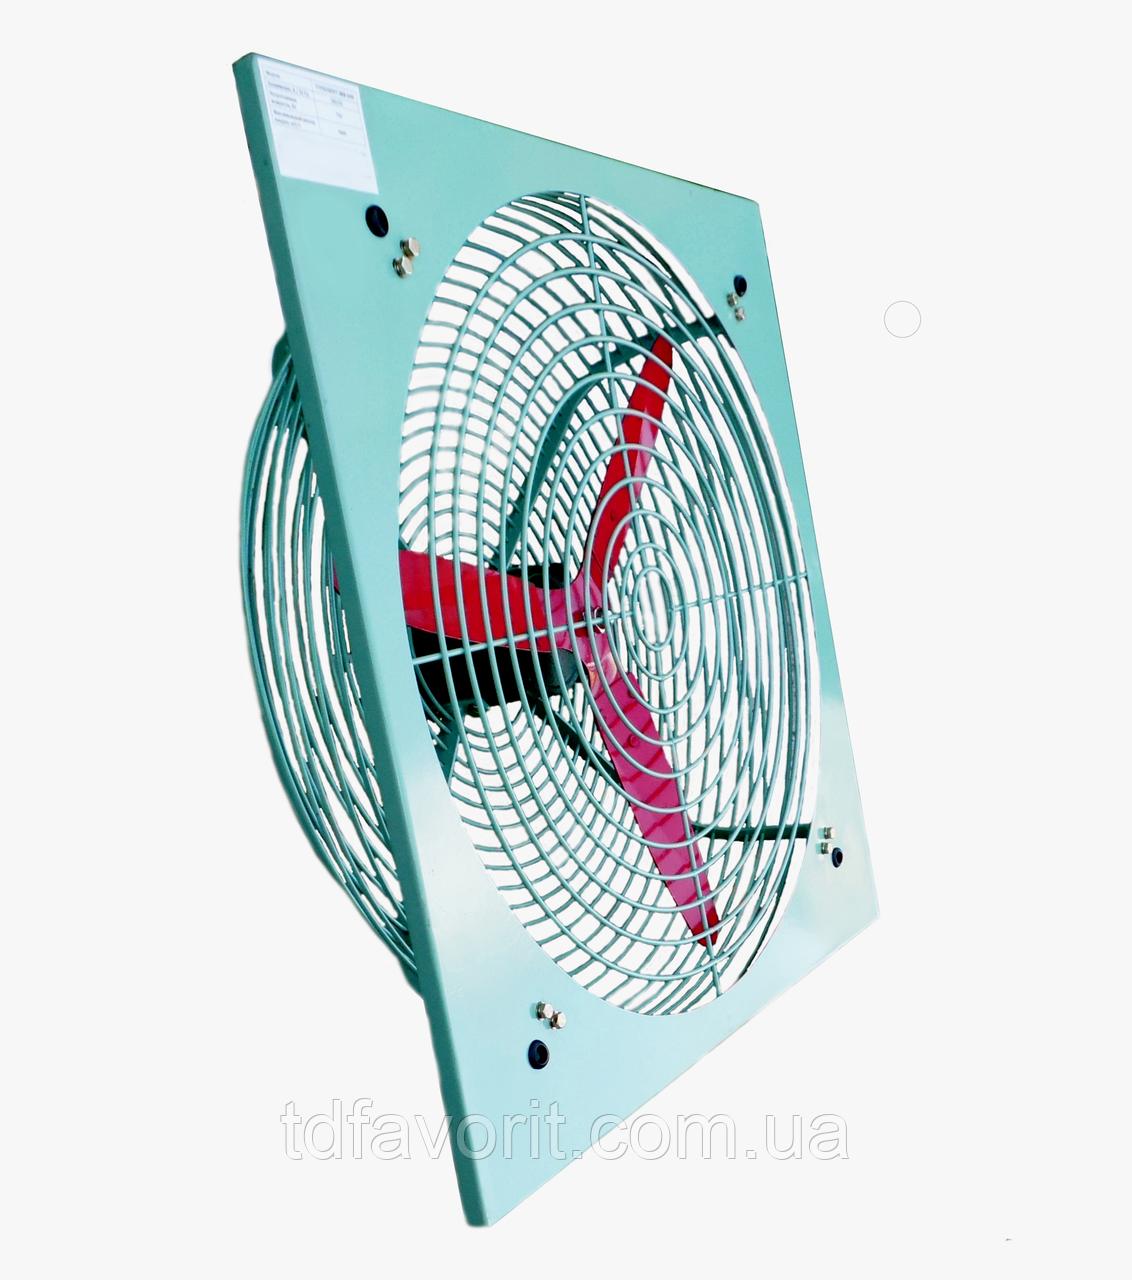 Взрывозащищенный осевой вентилятор HV 600